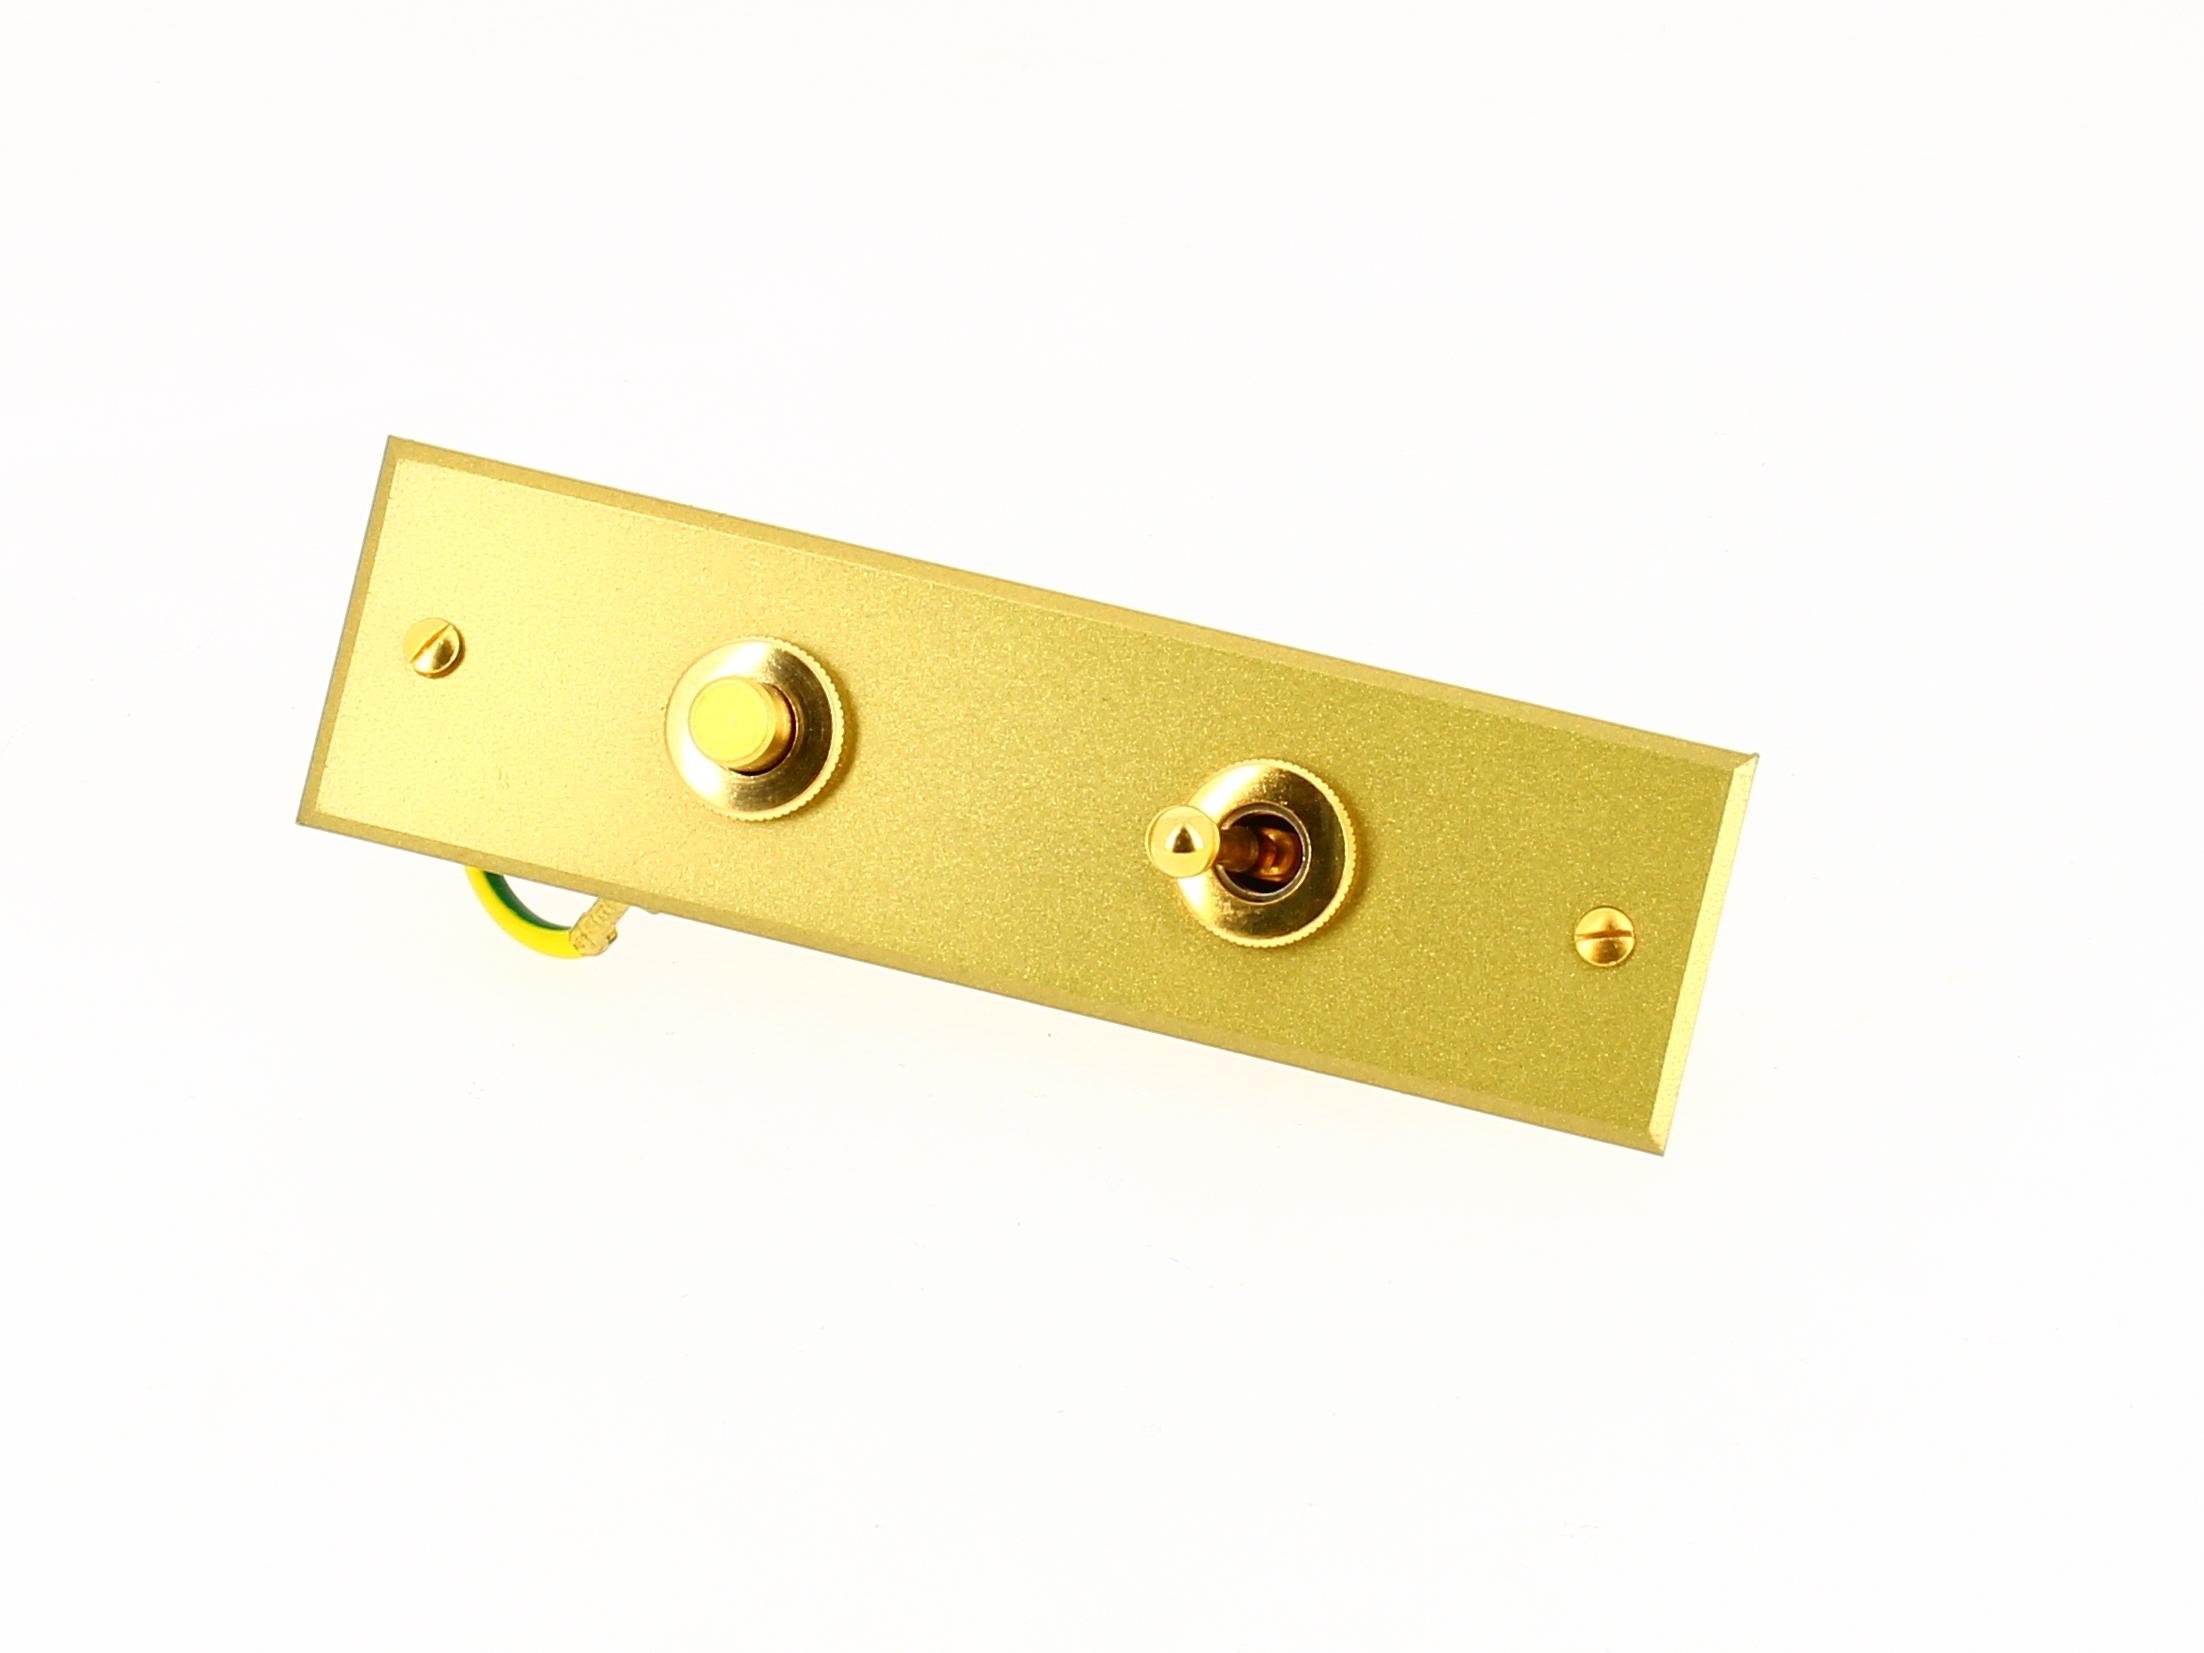 Interrupteur 1 bouton poussoir + 1 bouton levier / va-et-vient - Or Jaspe - Arnould Europa 35